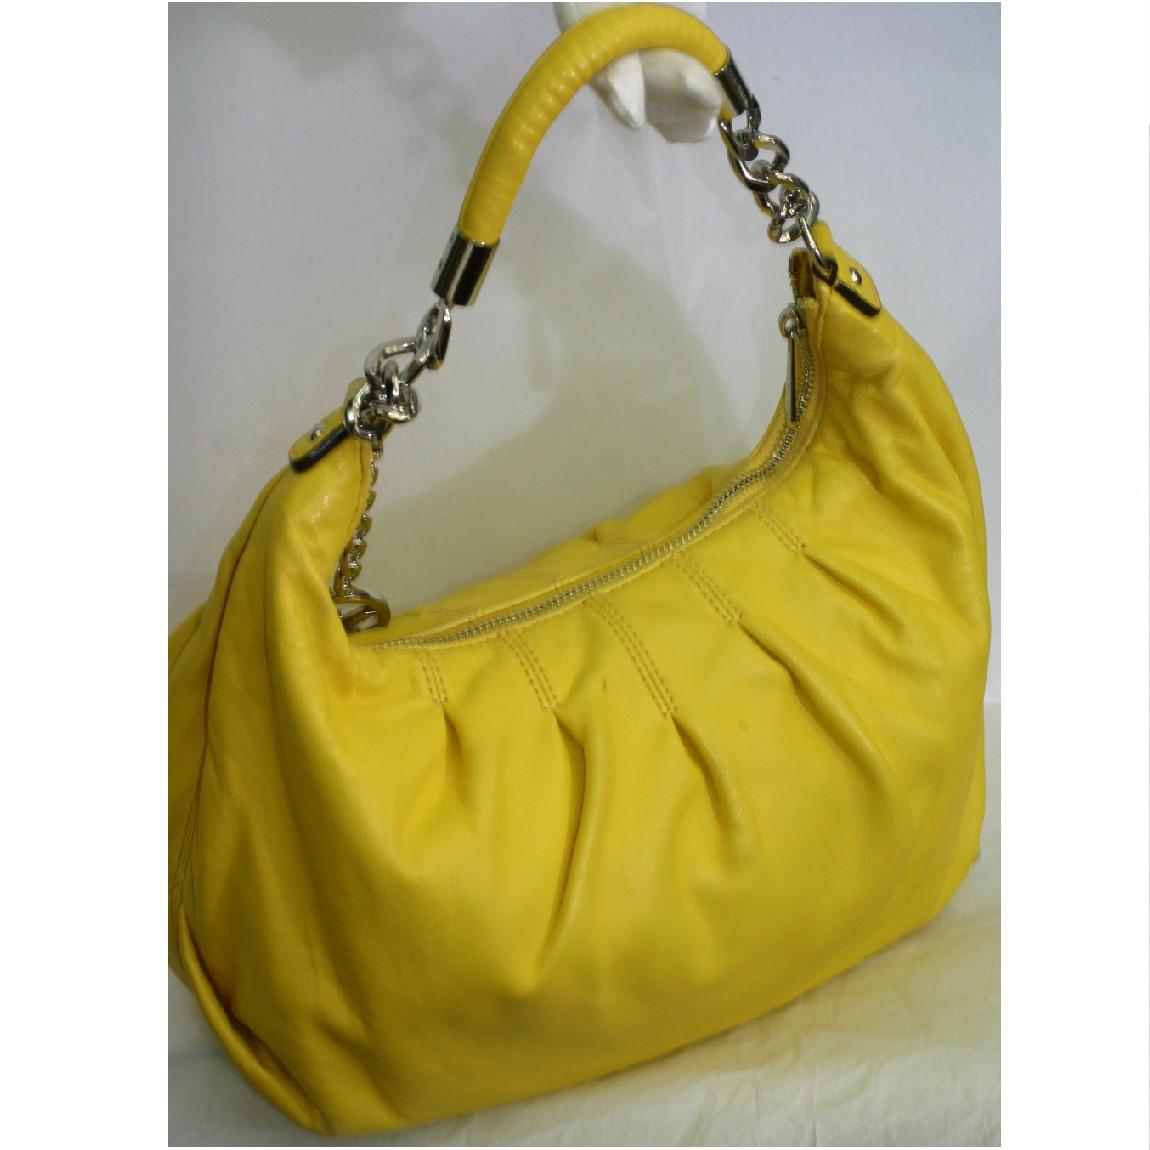 【中古】本物可マイケルコース女性用珍しい黄色い革素材セミショルダーバッグ サイズW34H23D12cm